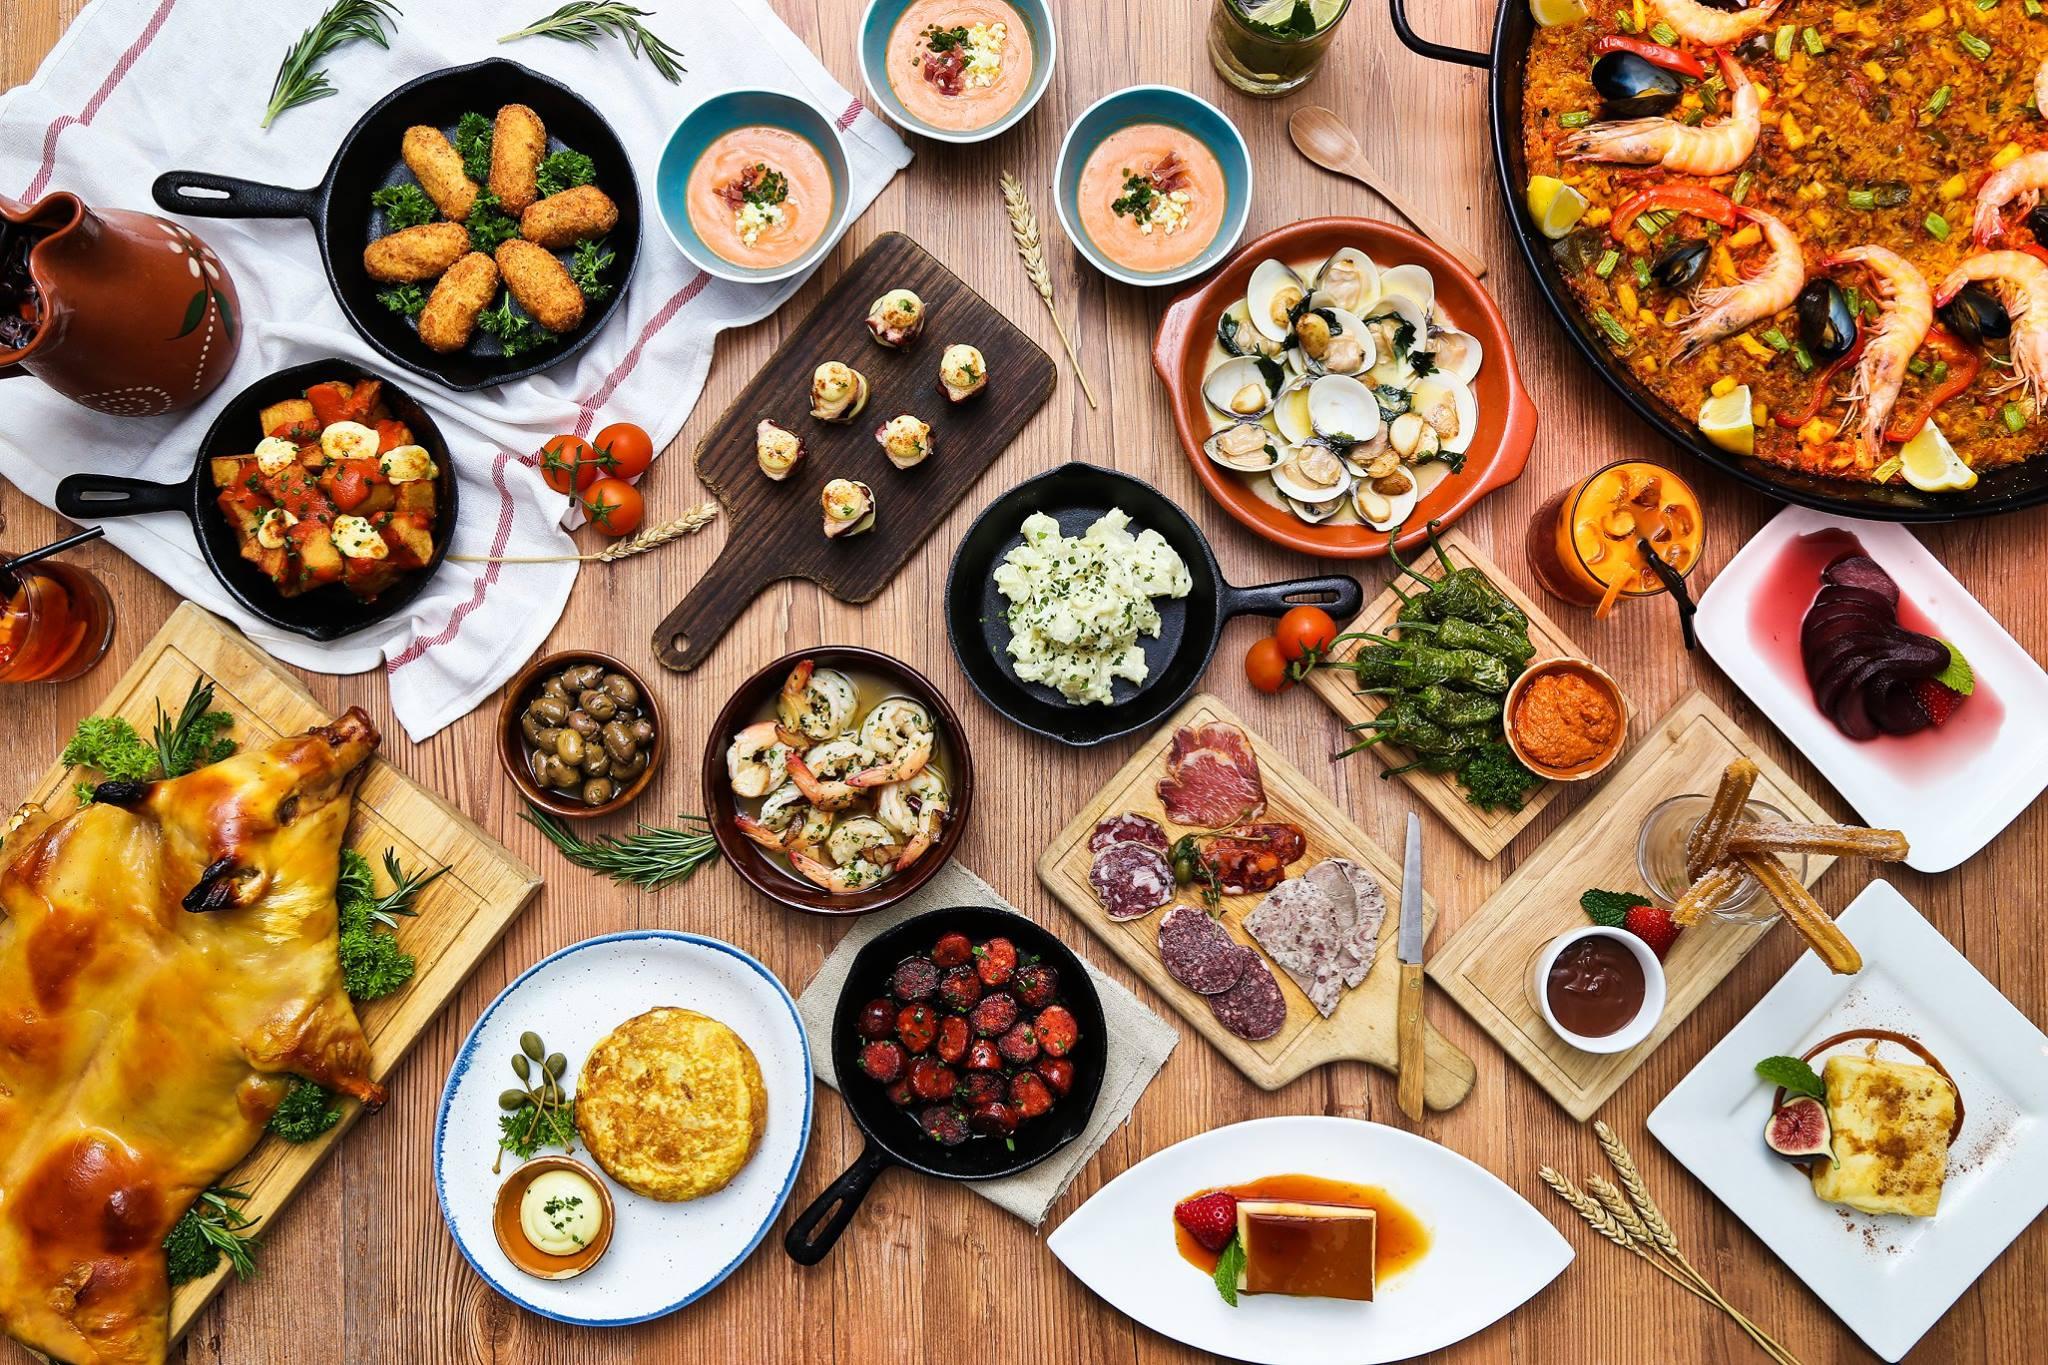 Ole-Spanish-Restaurnat-and-Wine-Bar-Fiesta-Brunch